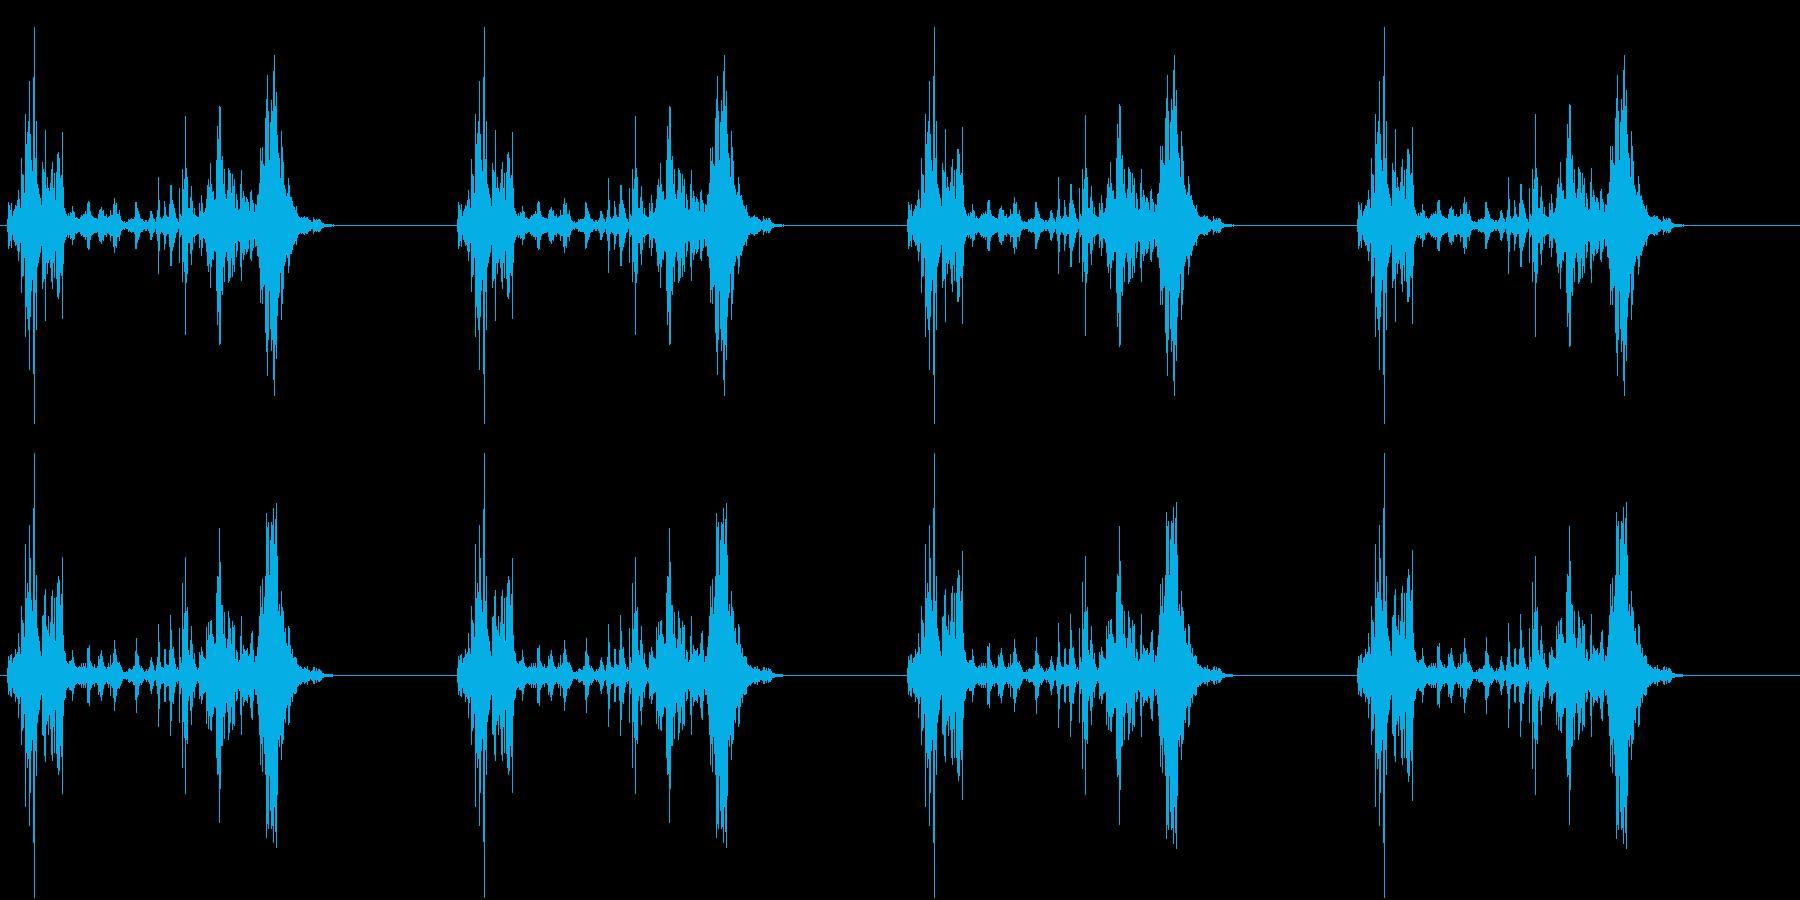 【生録音】ロボットのおもちゃ 歩く音 2の再生済みの波形